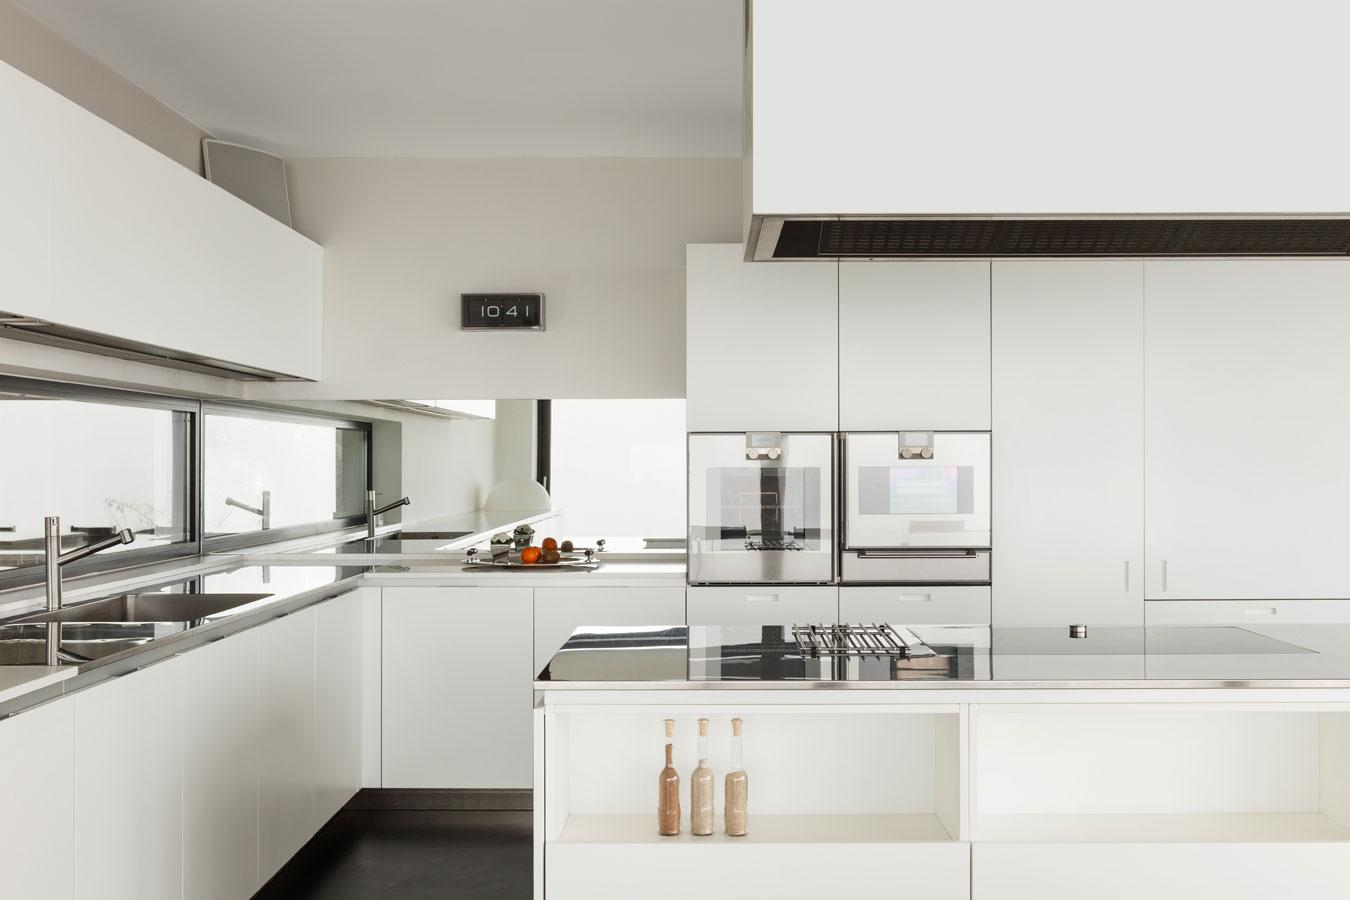 Keuken idee n tips keukens ontwerpen inspiratie foto 39 s - Foto keuken ...